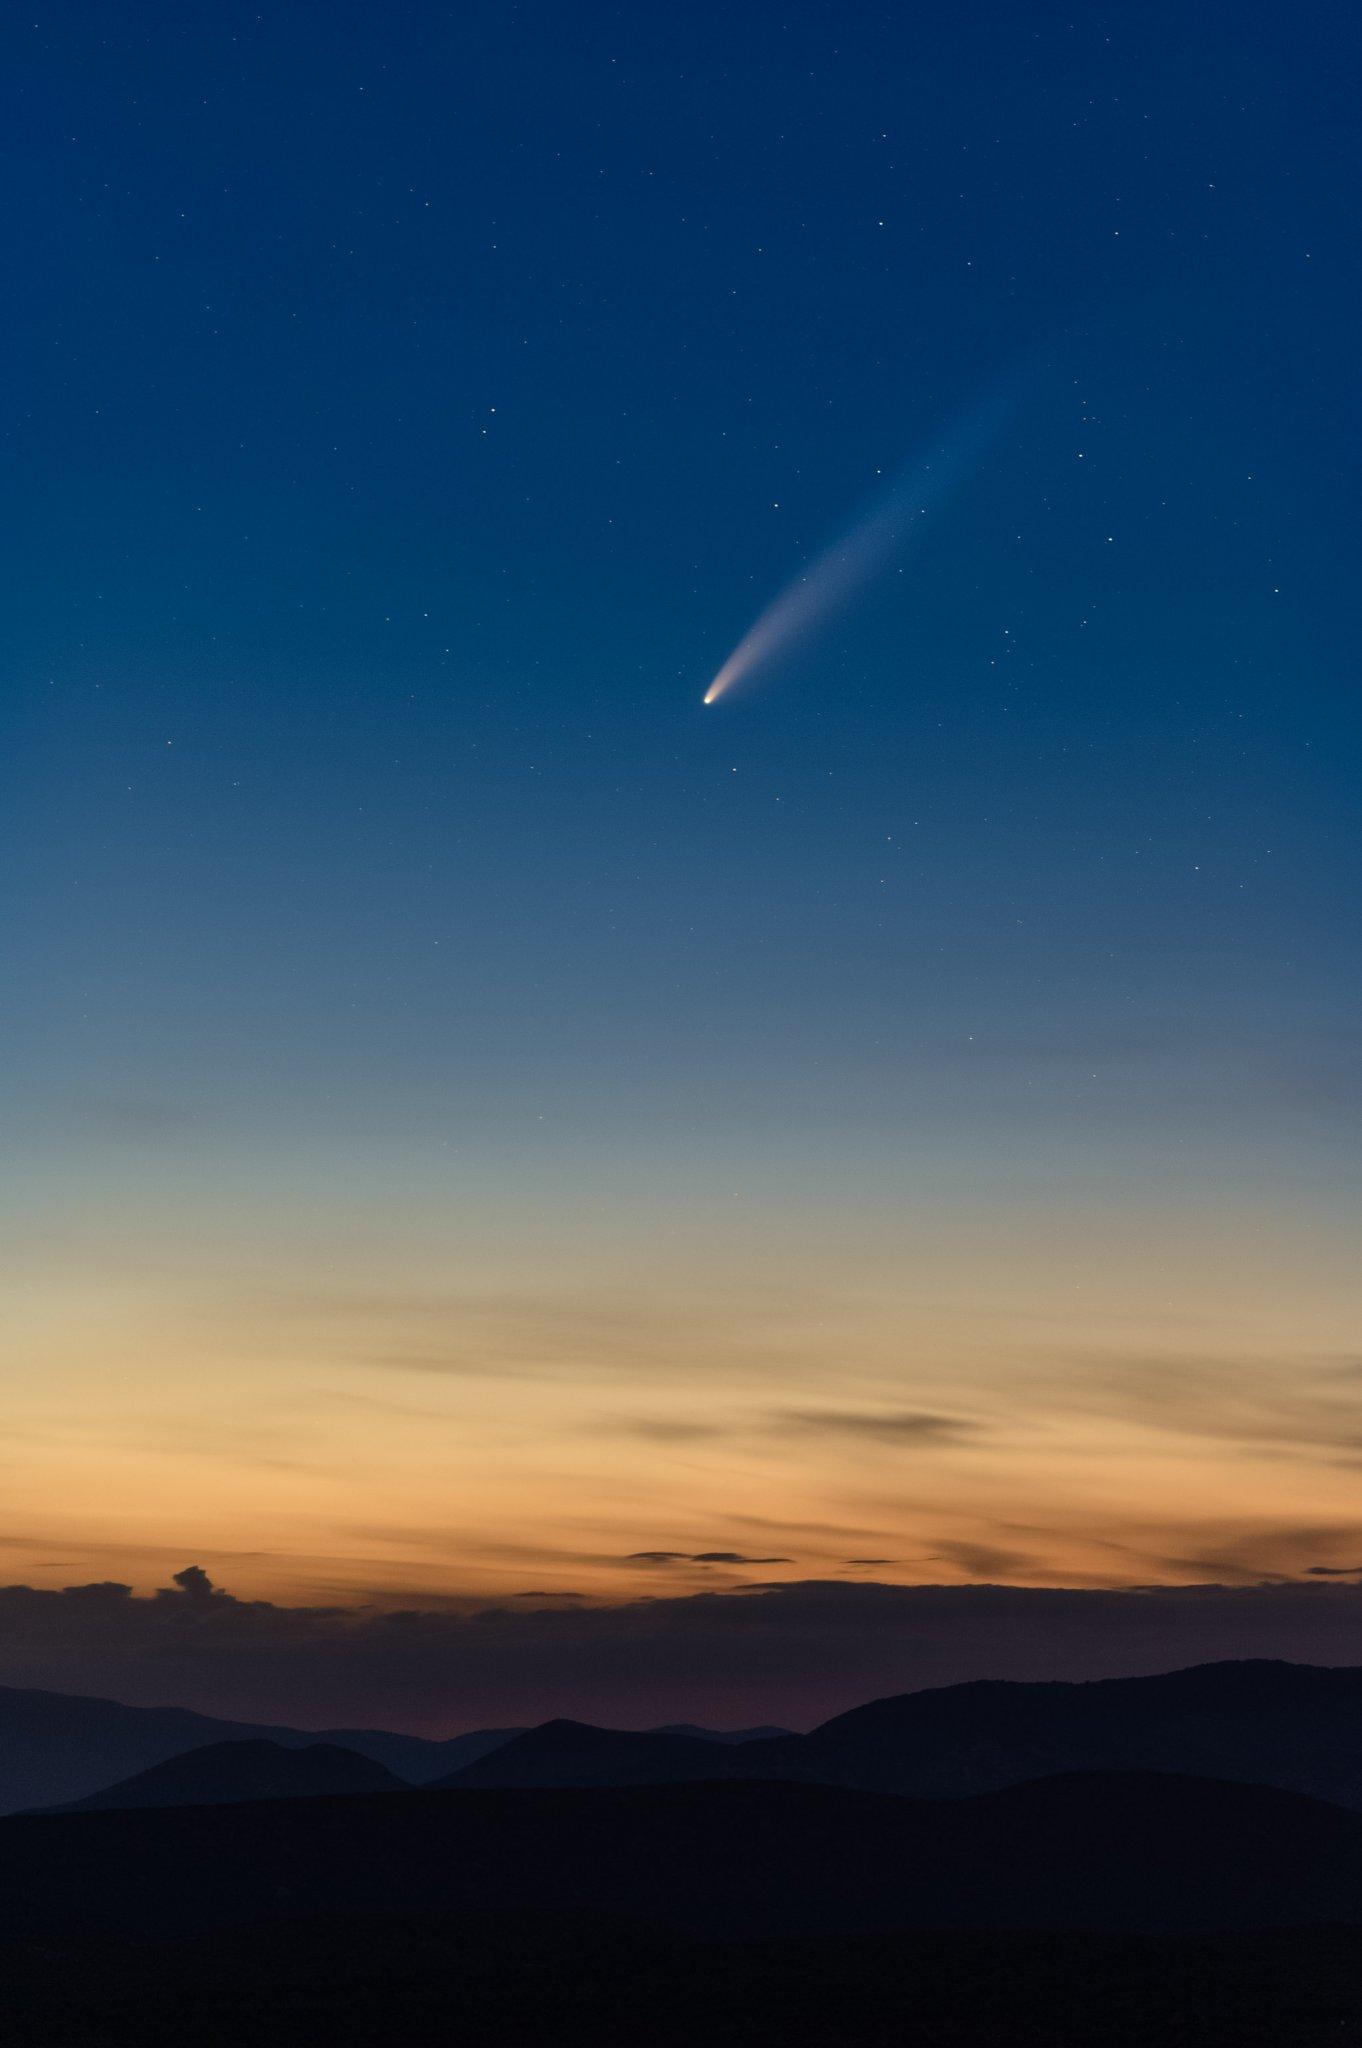 Comète C/2020 F3 NEOWISE prise en France en Juillet 2020.